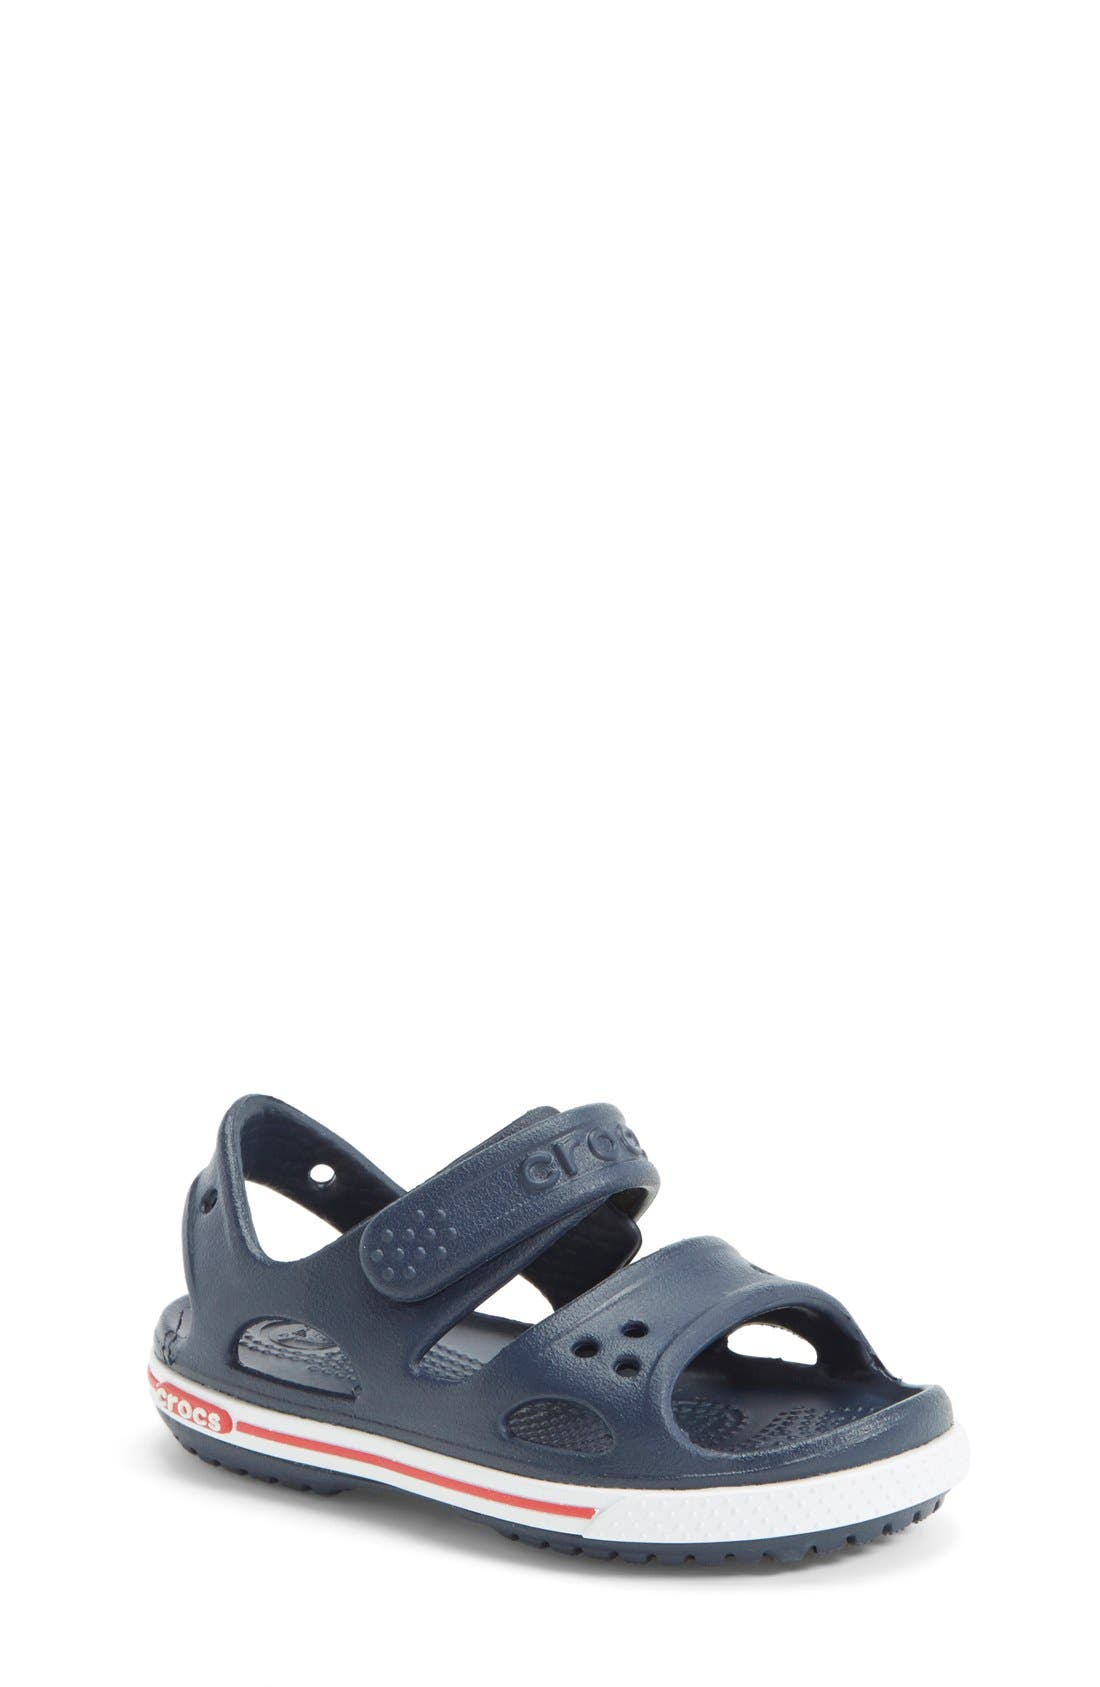 CROCS<SUP>™</SUP> Crocband 2 Sandal